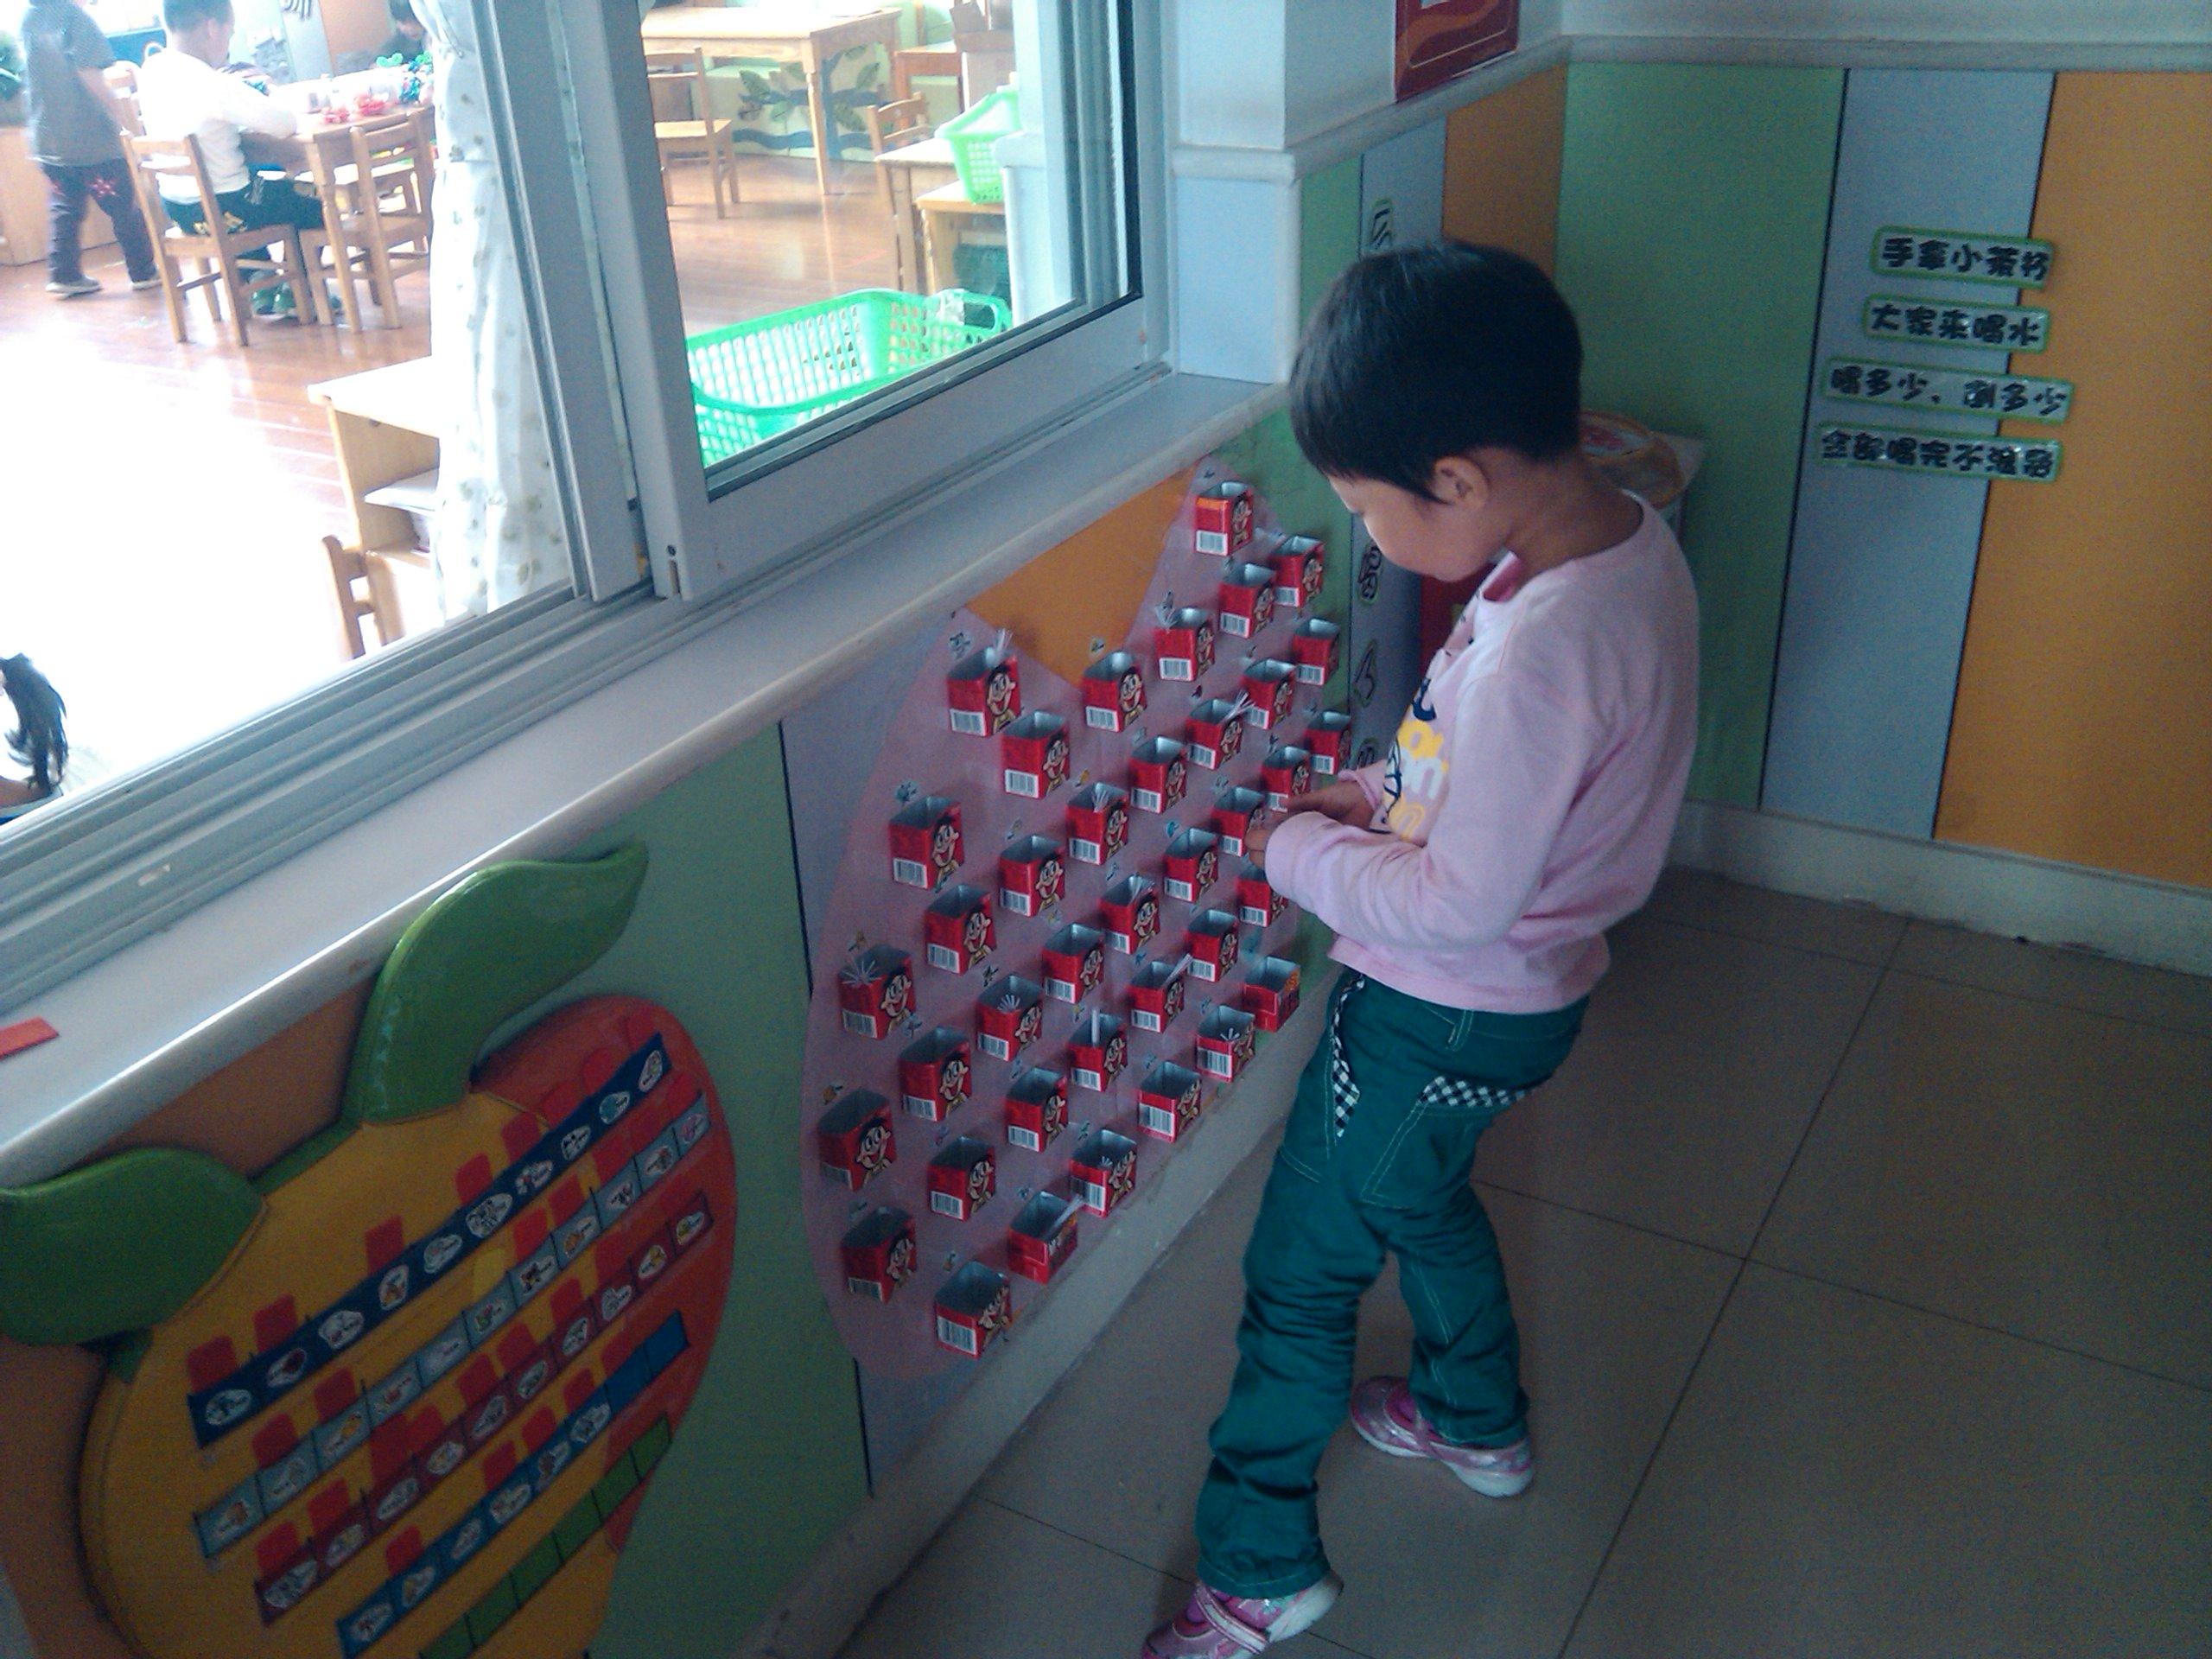 幼儿园插牌幼儿园区域插牌幼儿园插牌子插牌子